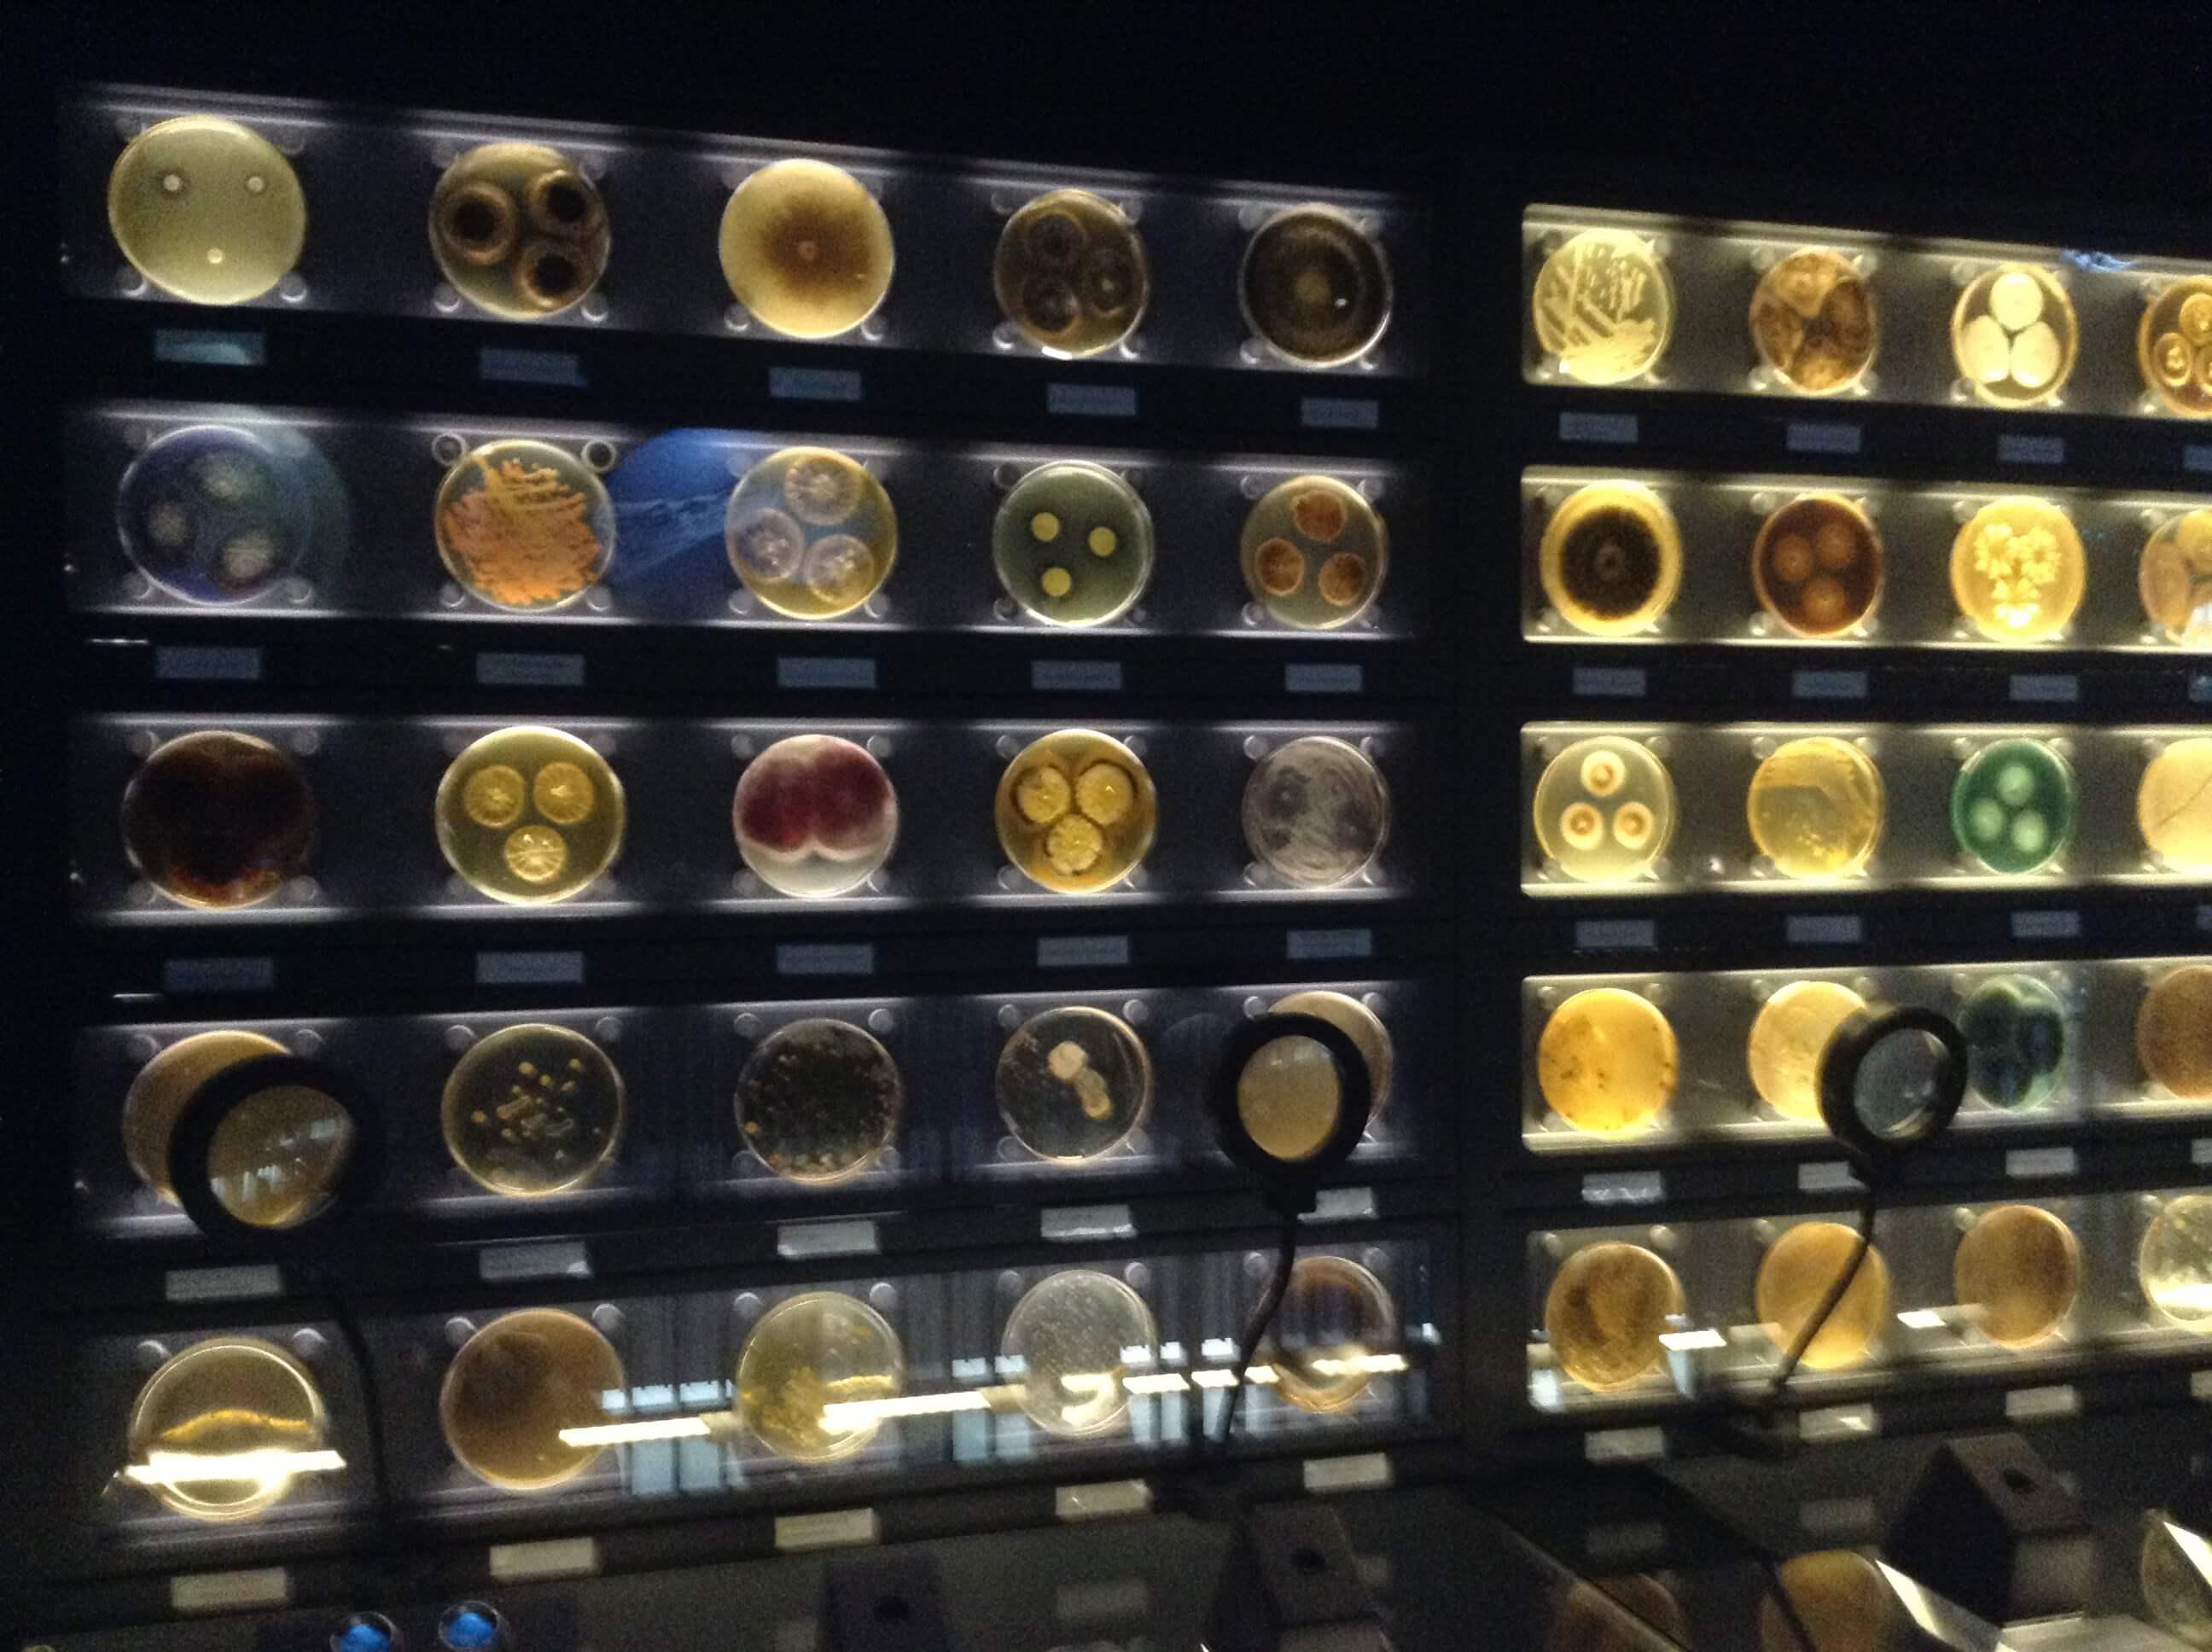 Visité Micropia, el único museo de Microbiología del mundo